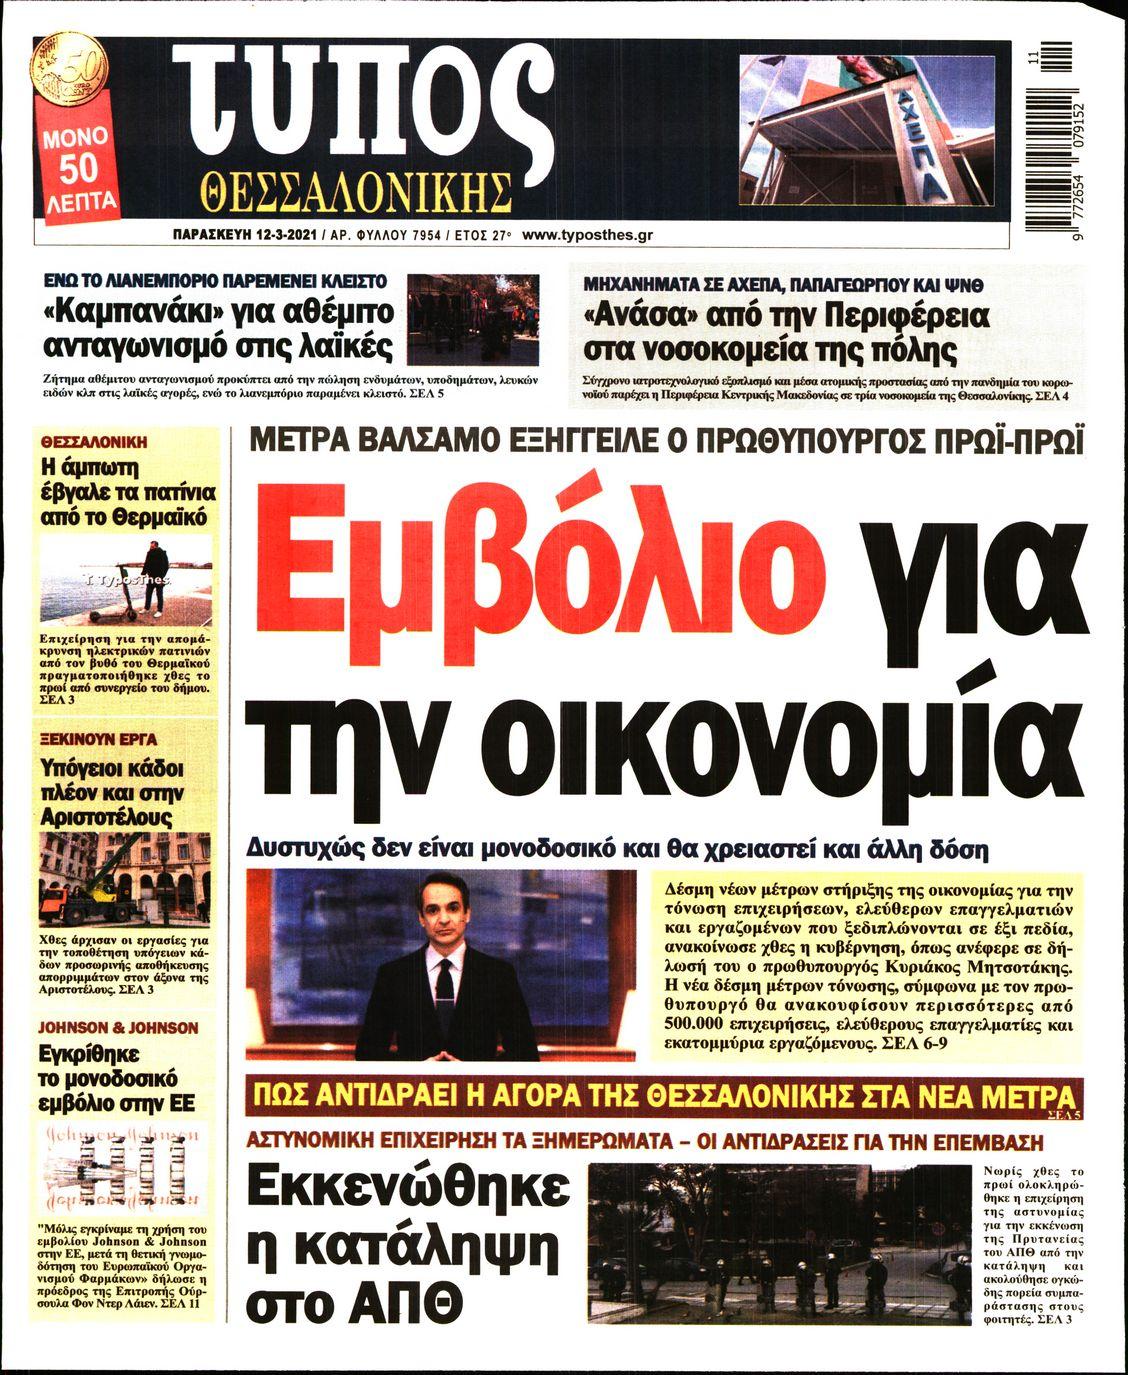 https://www.newsbeast.gr/files/1/newspapers/2021/03/12/27969938_444.jpg?1615533735